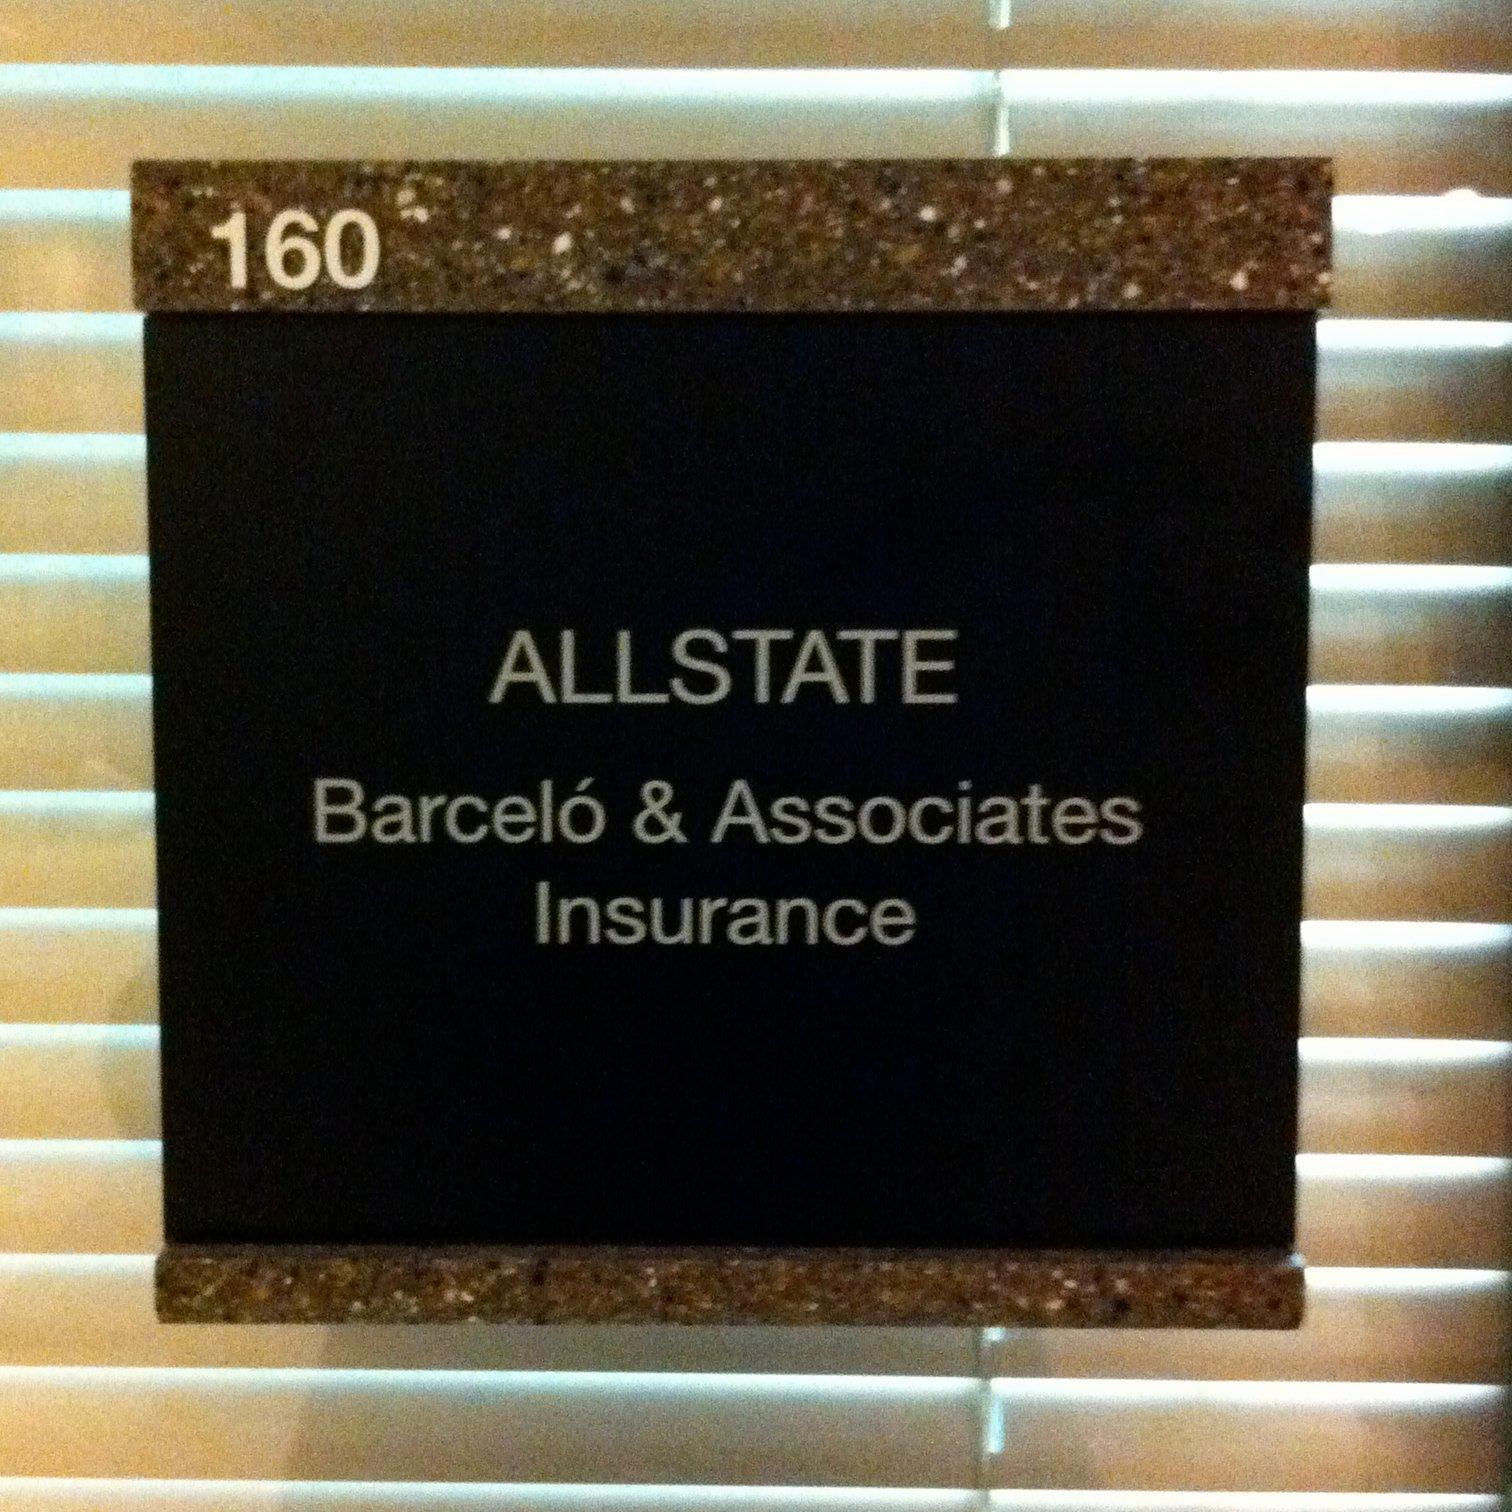 Barcelo & Associates Insurance: Allstate Insurance image 10